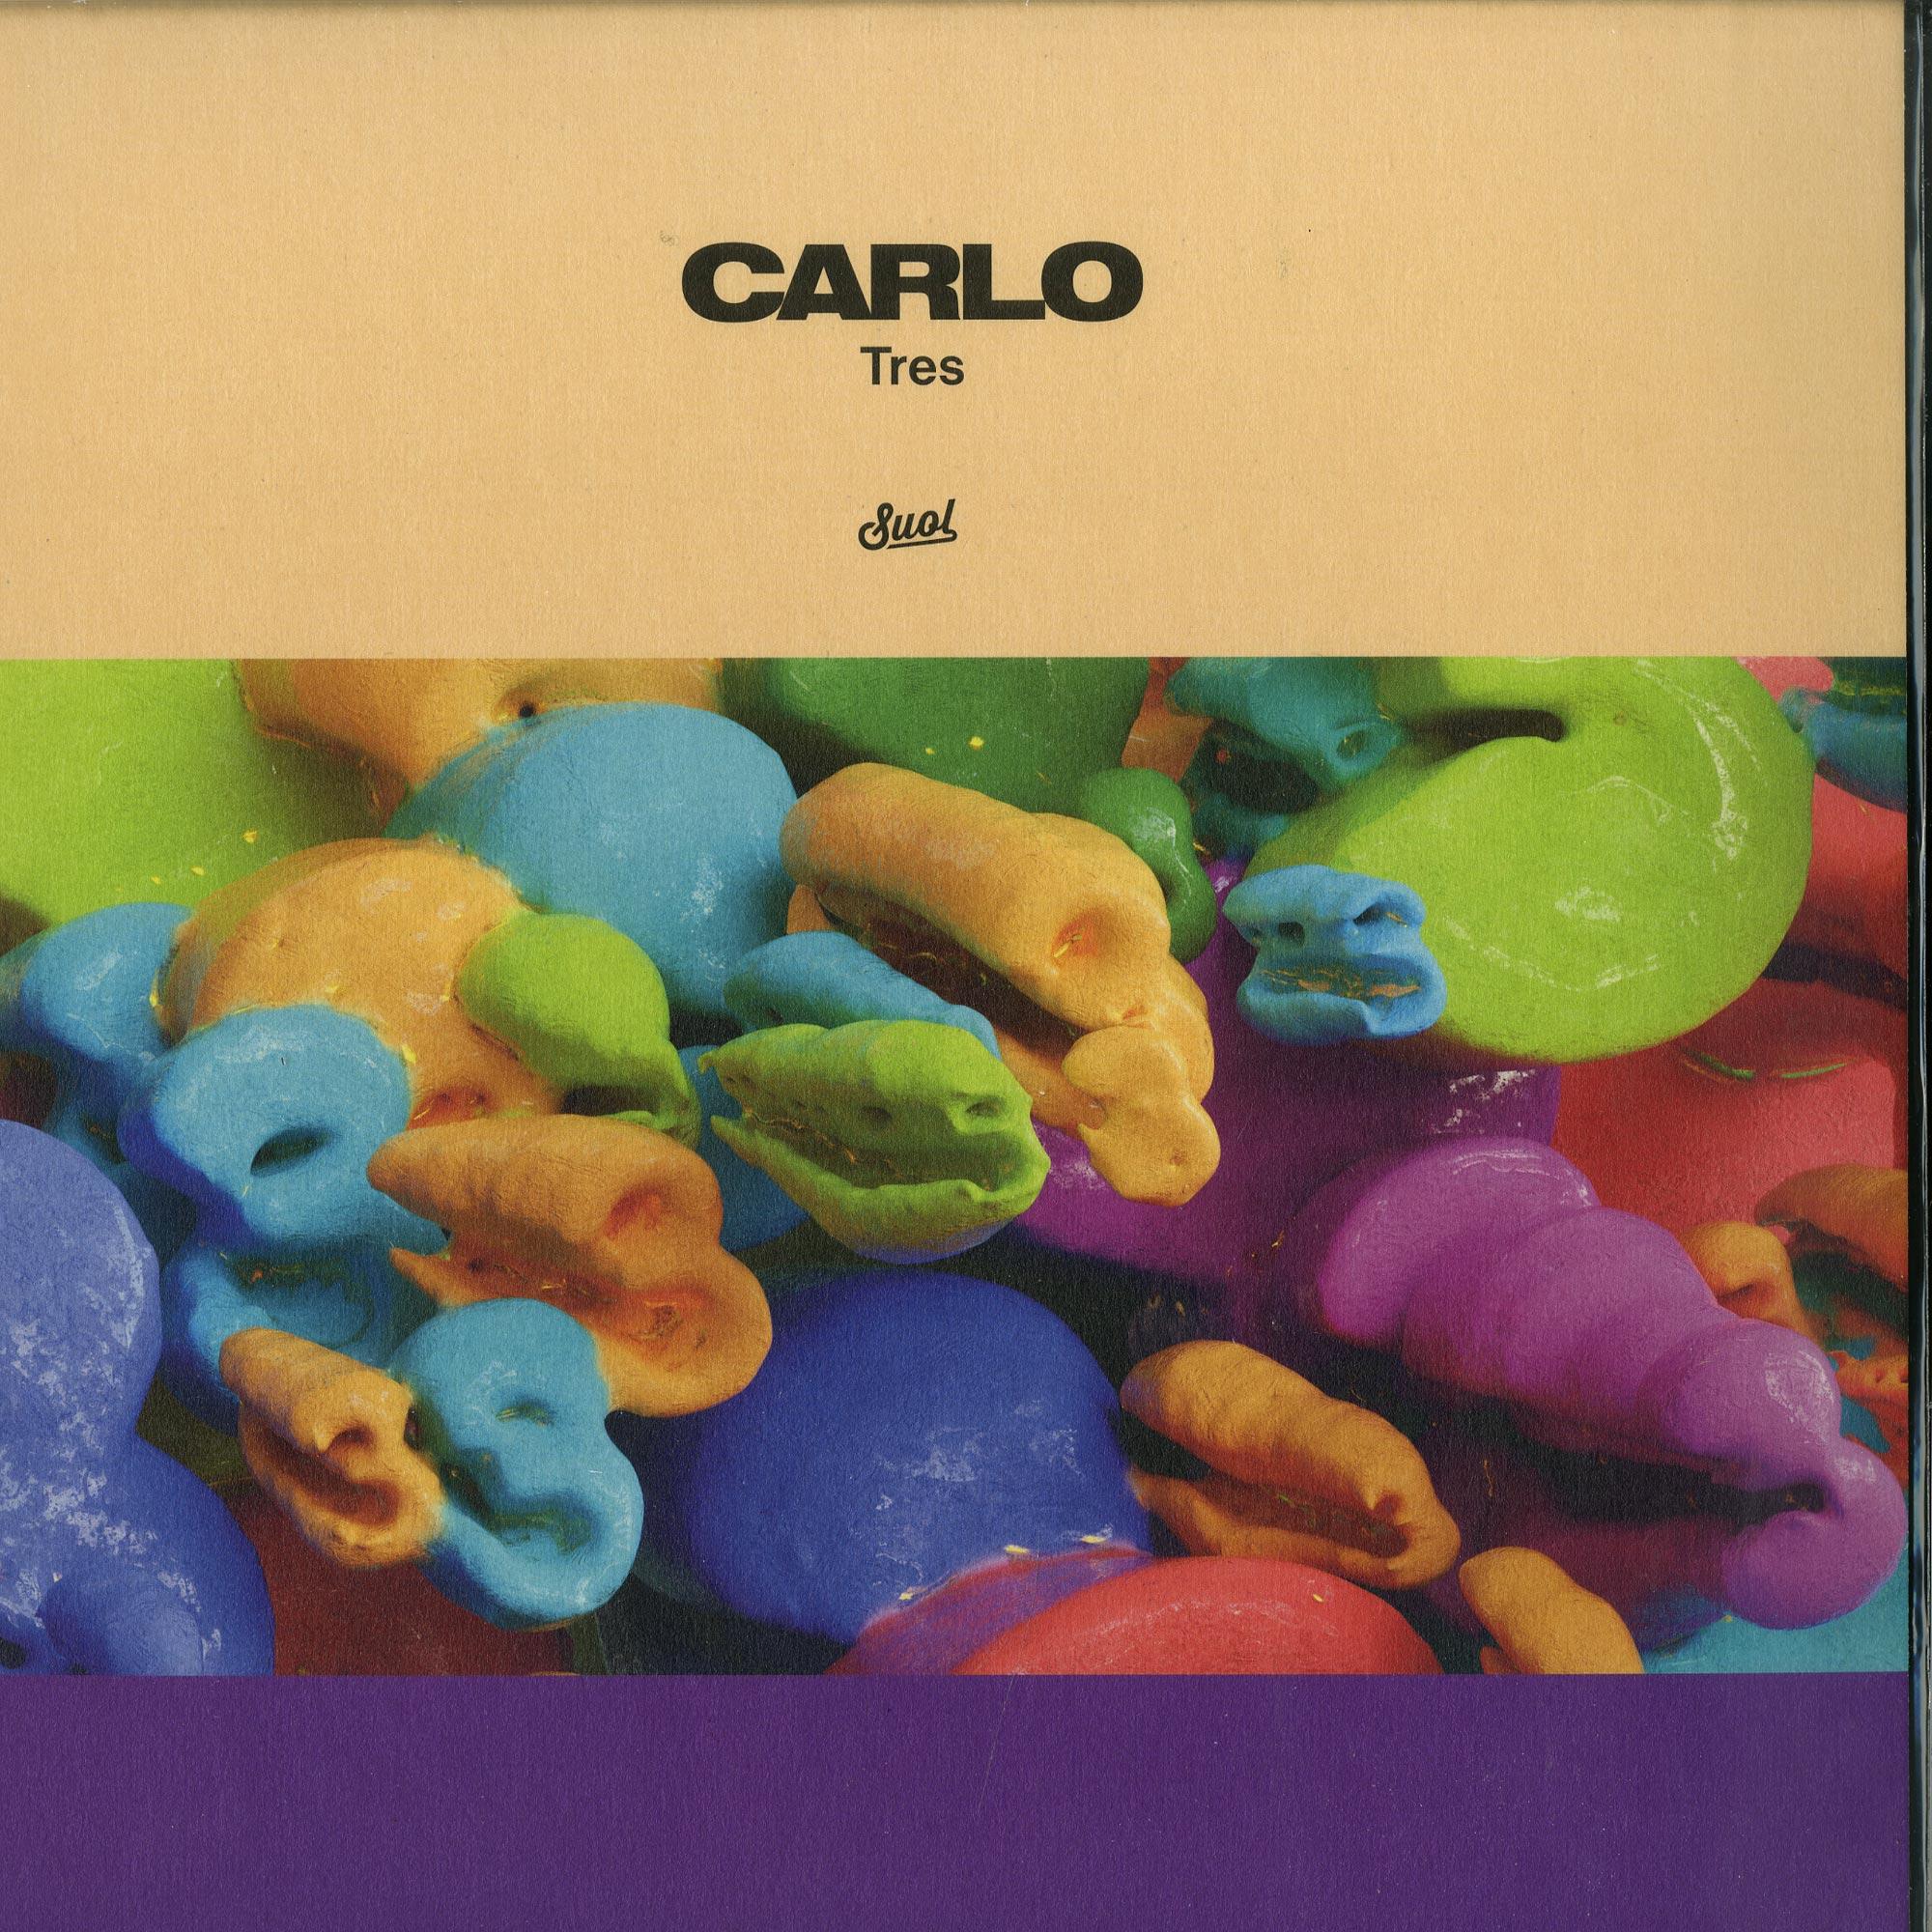 Carlo - TRES EP